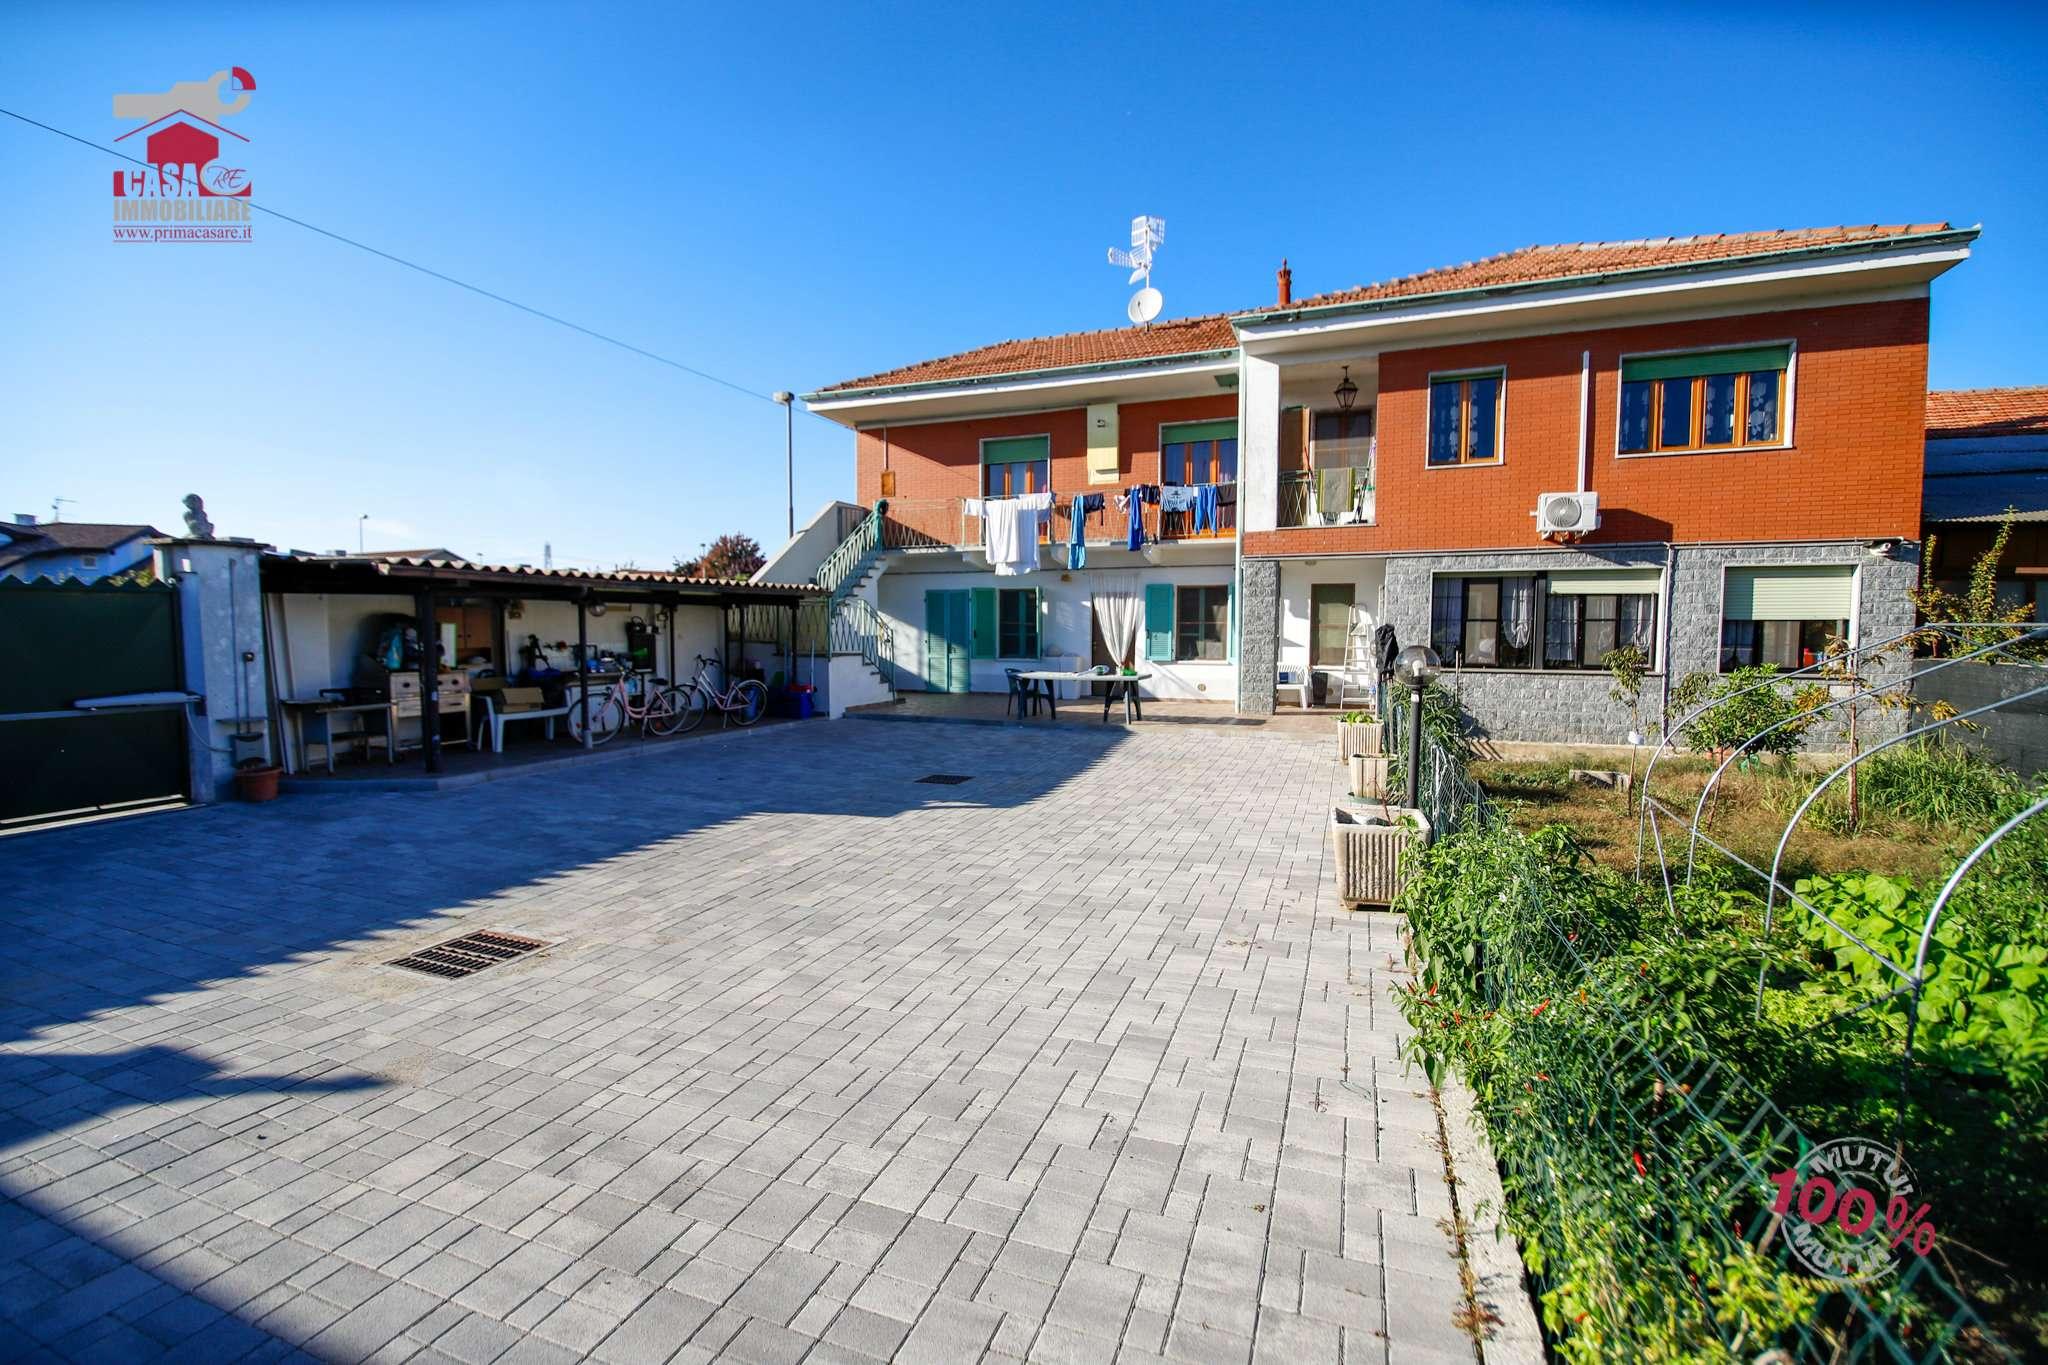 Soluzione Indipendente in vendita a Rondissone, 10 locali, prezzo € 190.000 | PortaleAgenzieImmobiliari.it